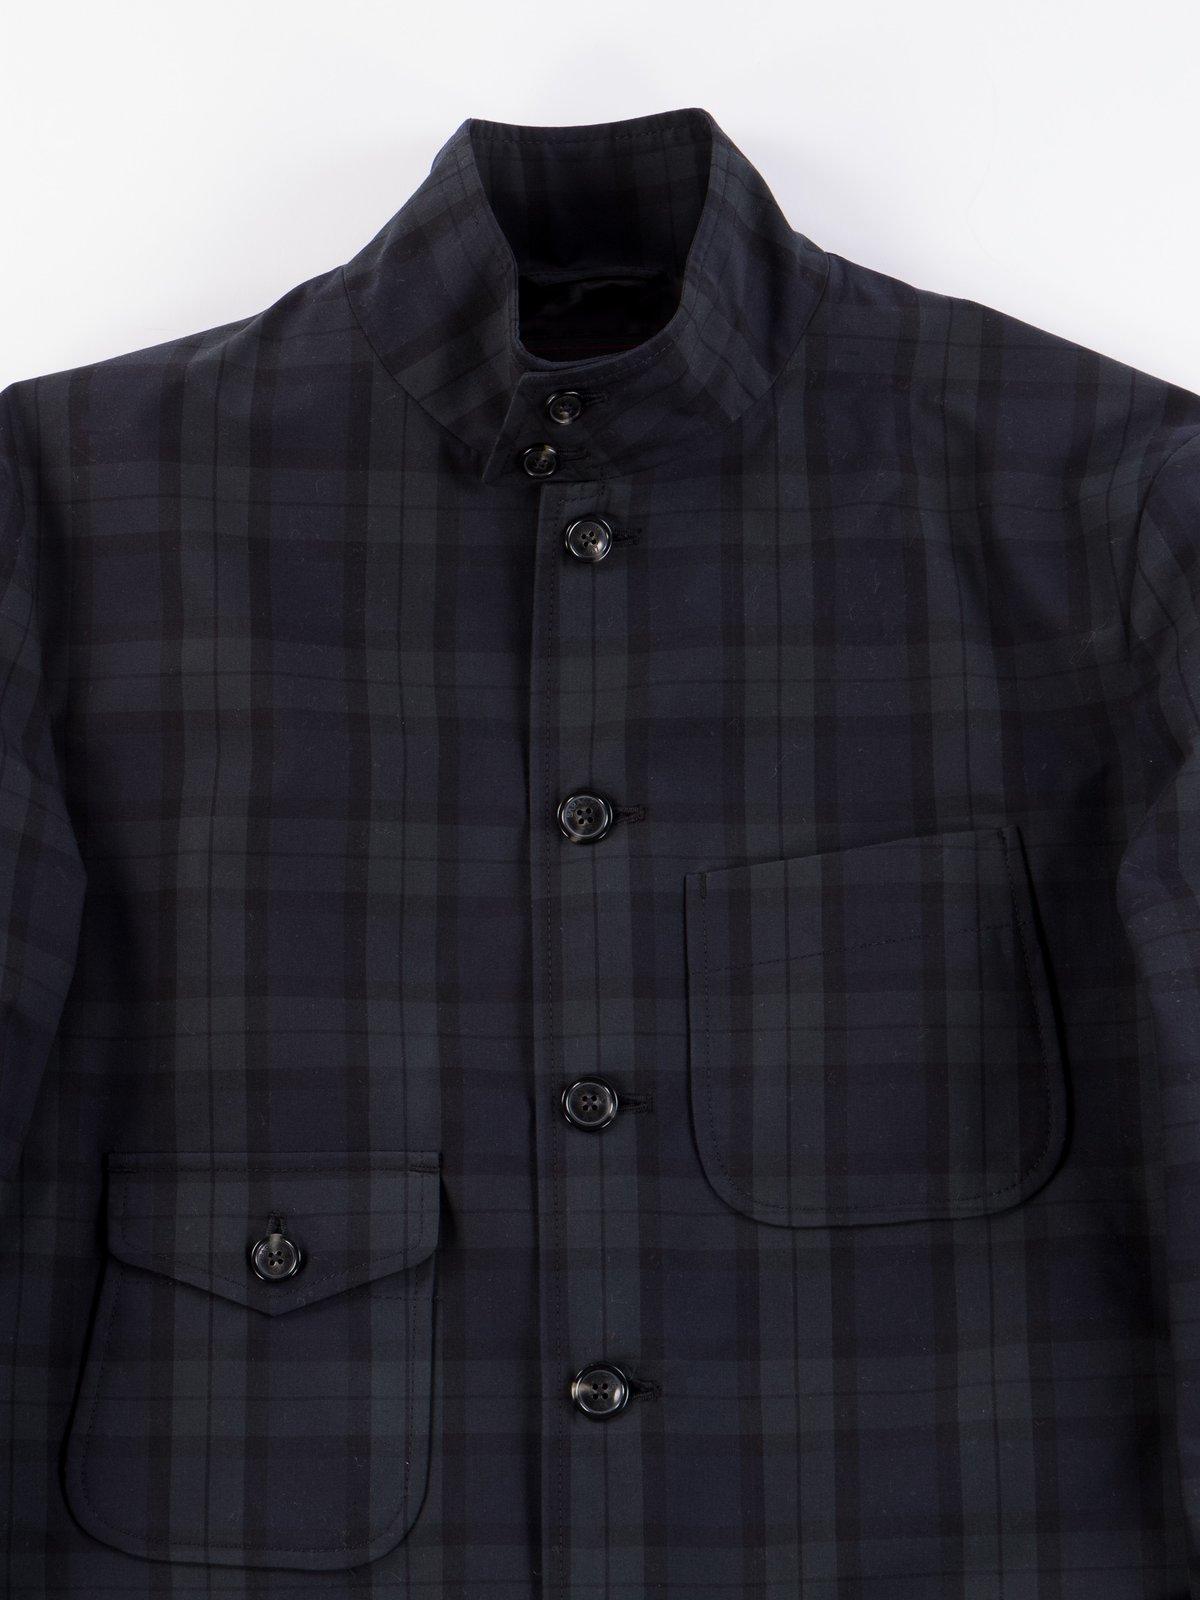 Blackwatch Structured EG Blazer - Image 3